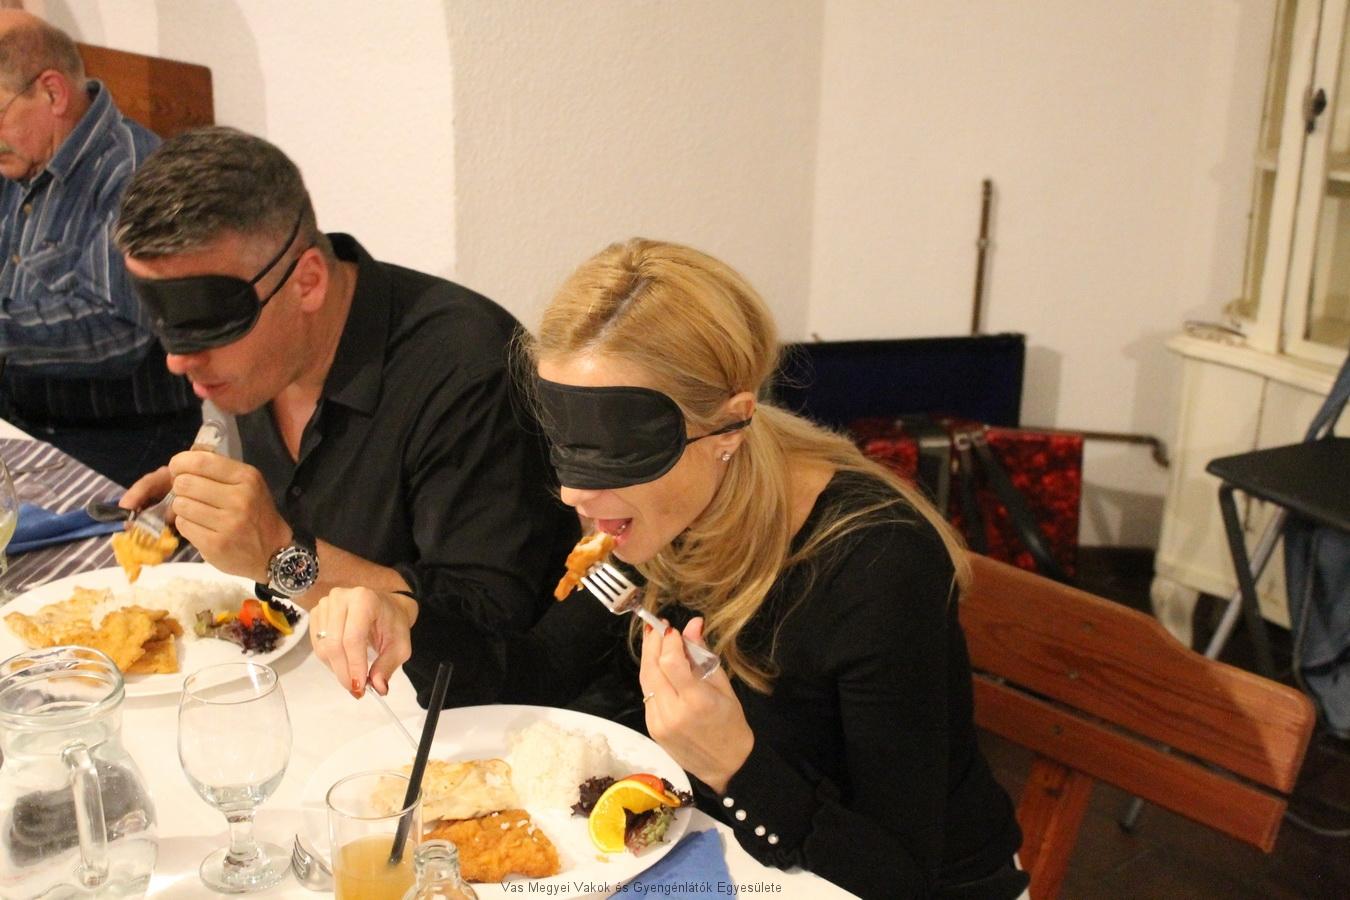 Nem is olyan egyszerű bekötött szemmel késsel-villával enni.